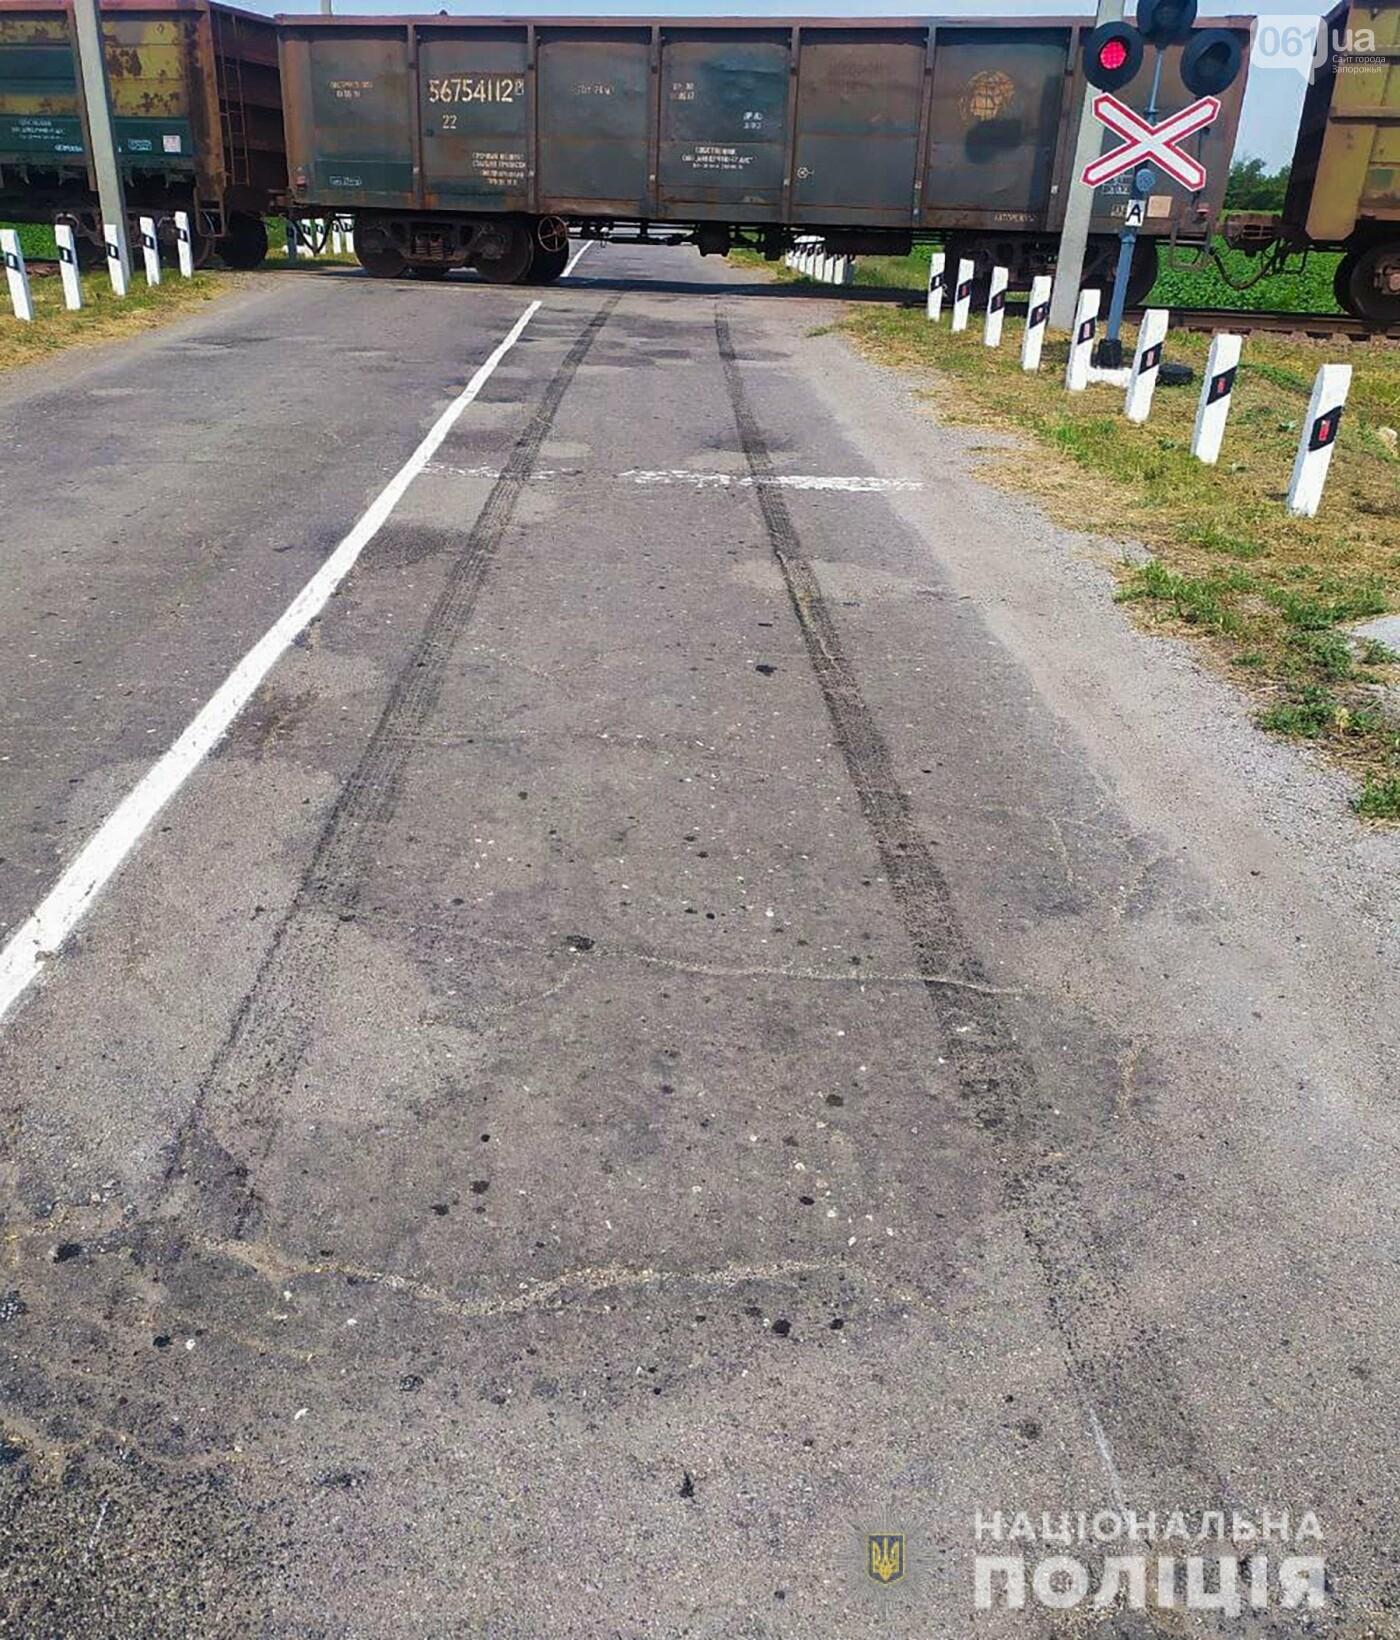 dtp2 60d60c632e0bc - В Запорожской области грузовой поезд столкнулся с легковушкой: в ДТП пострадали двое человек, - ФОТО